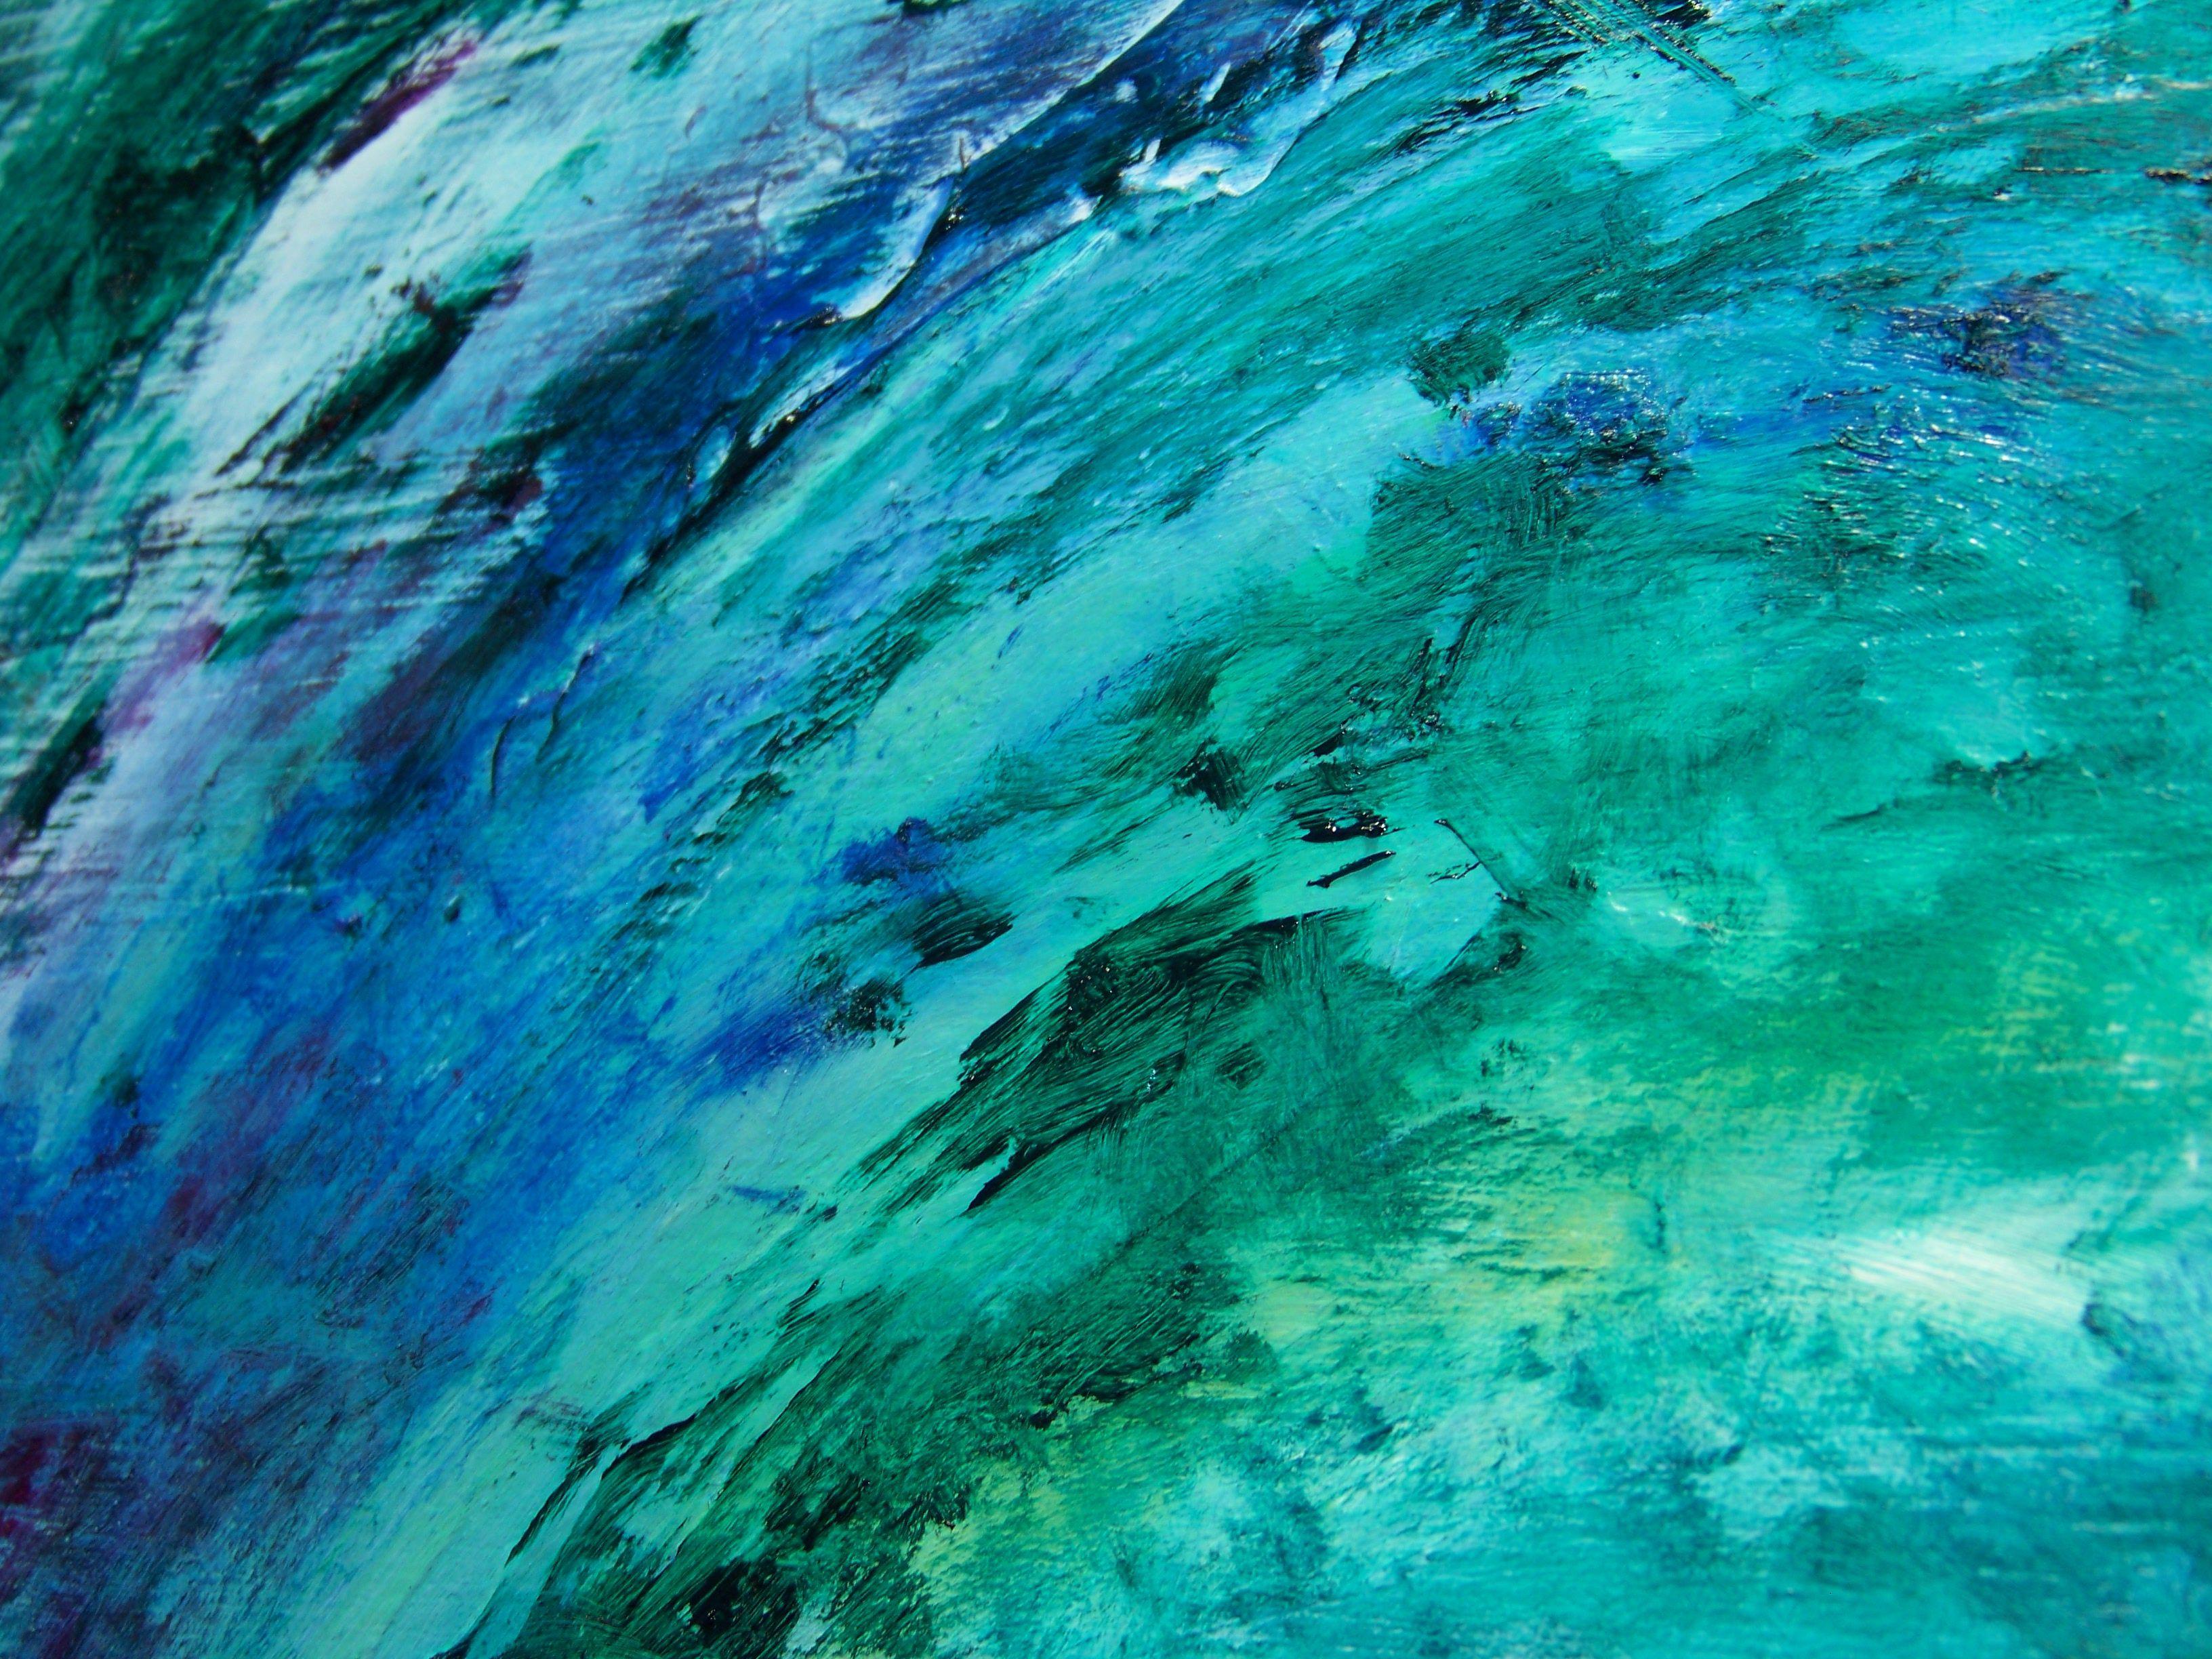 paint, texture paints, background, download photo, blue color ... | Texture | Nasa images, Nasa ...